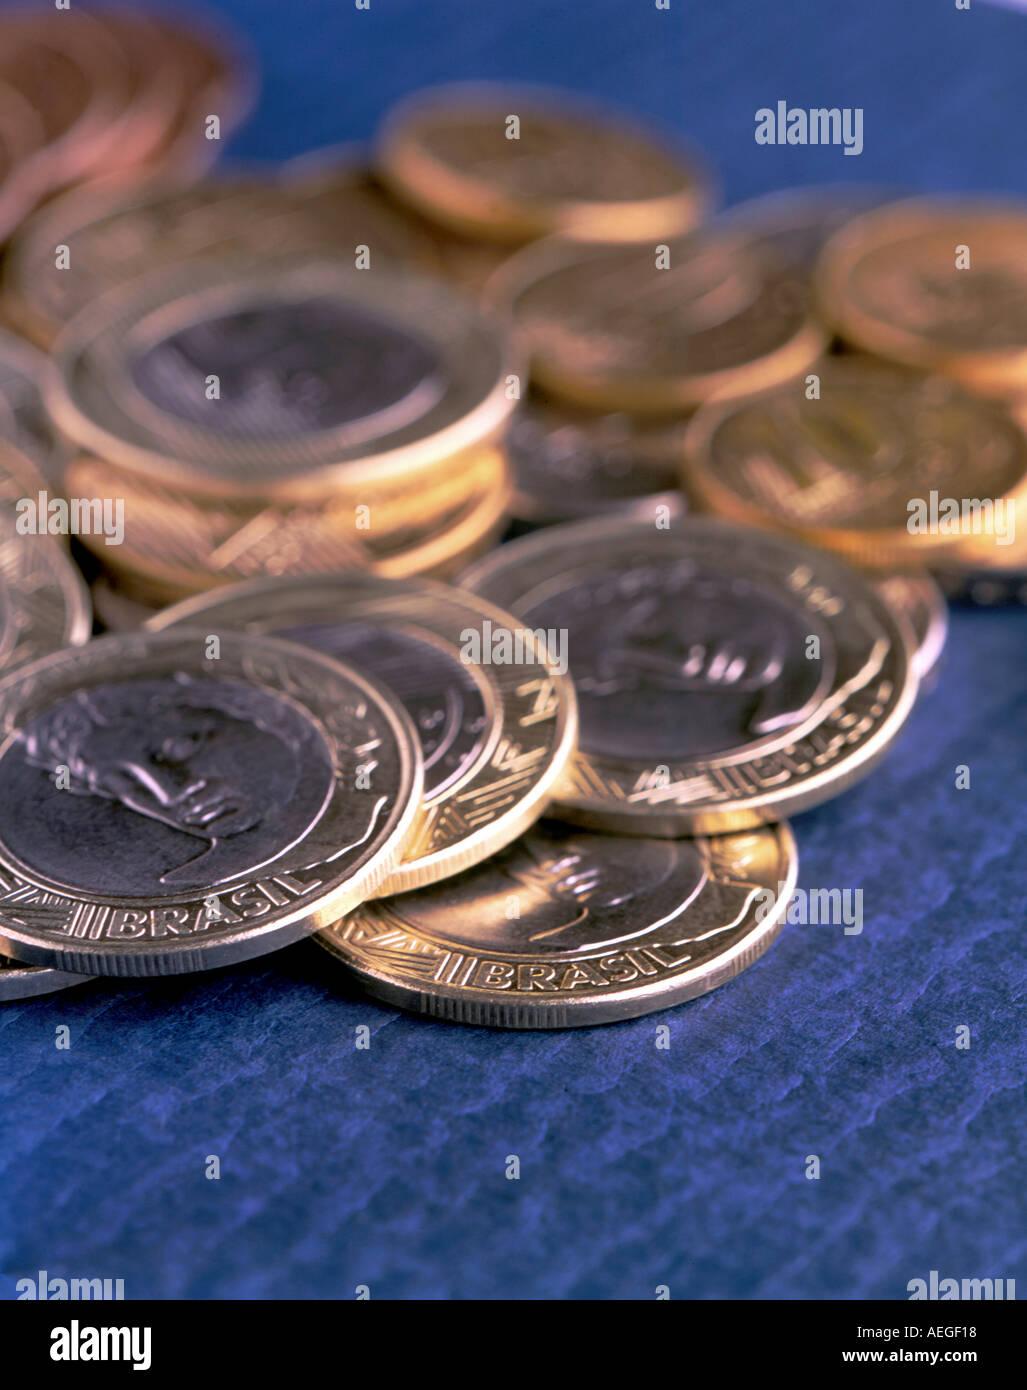 Büro Münzen Währung Wert Bildnis Golden Vergolden Eine Echte Münze